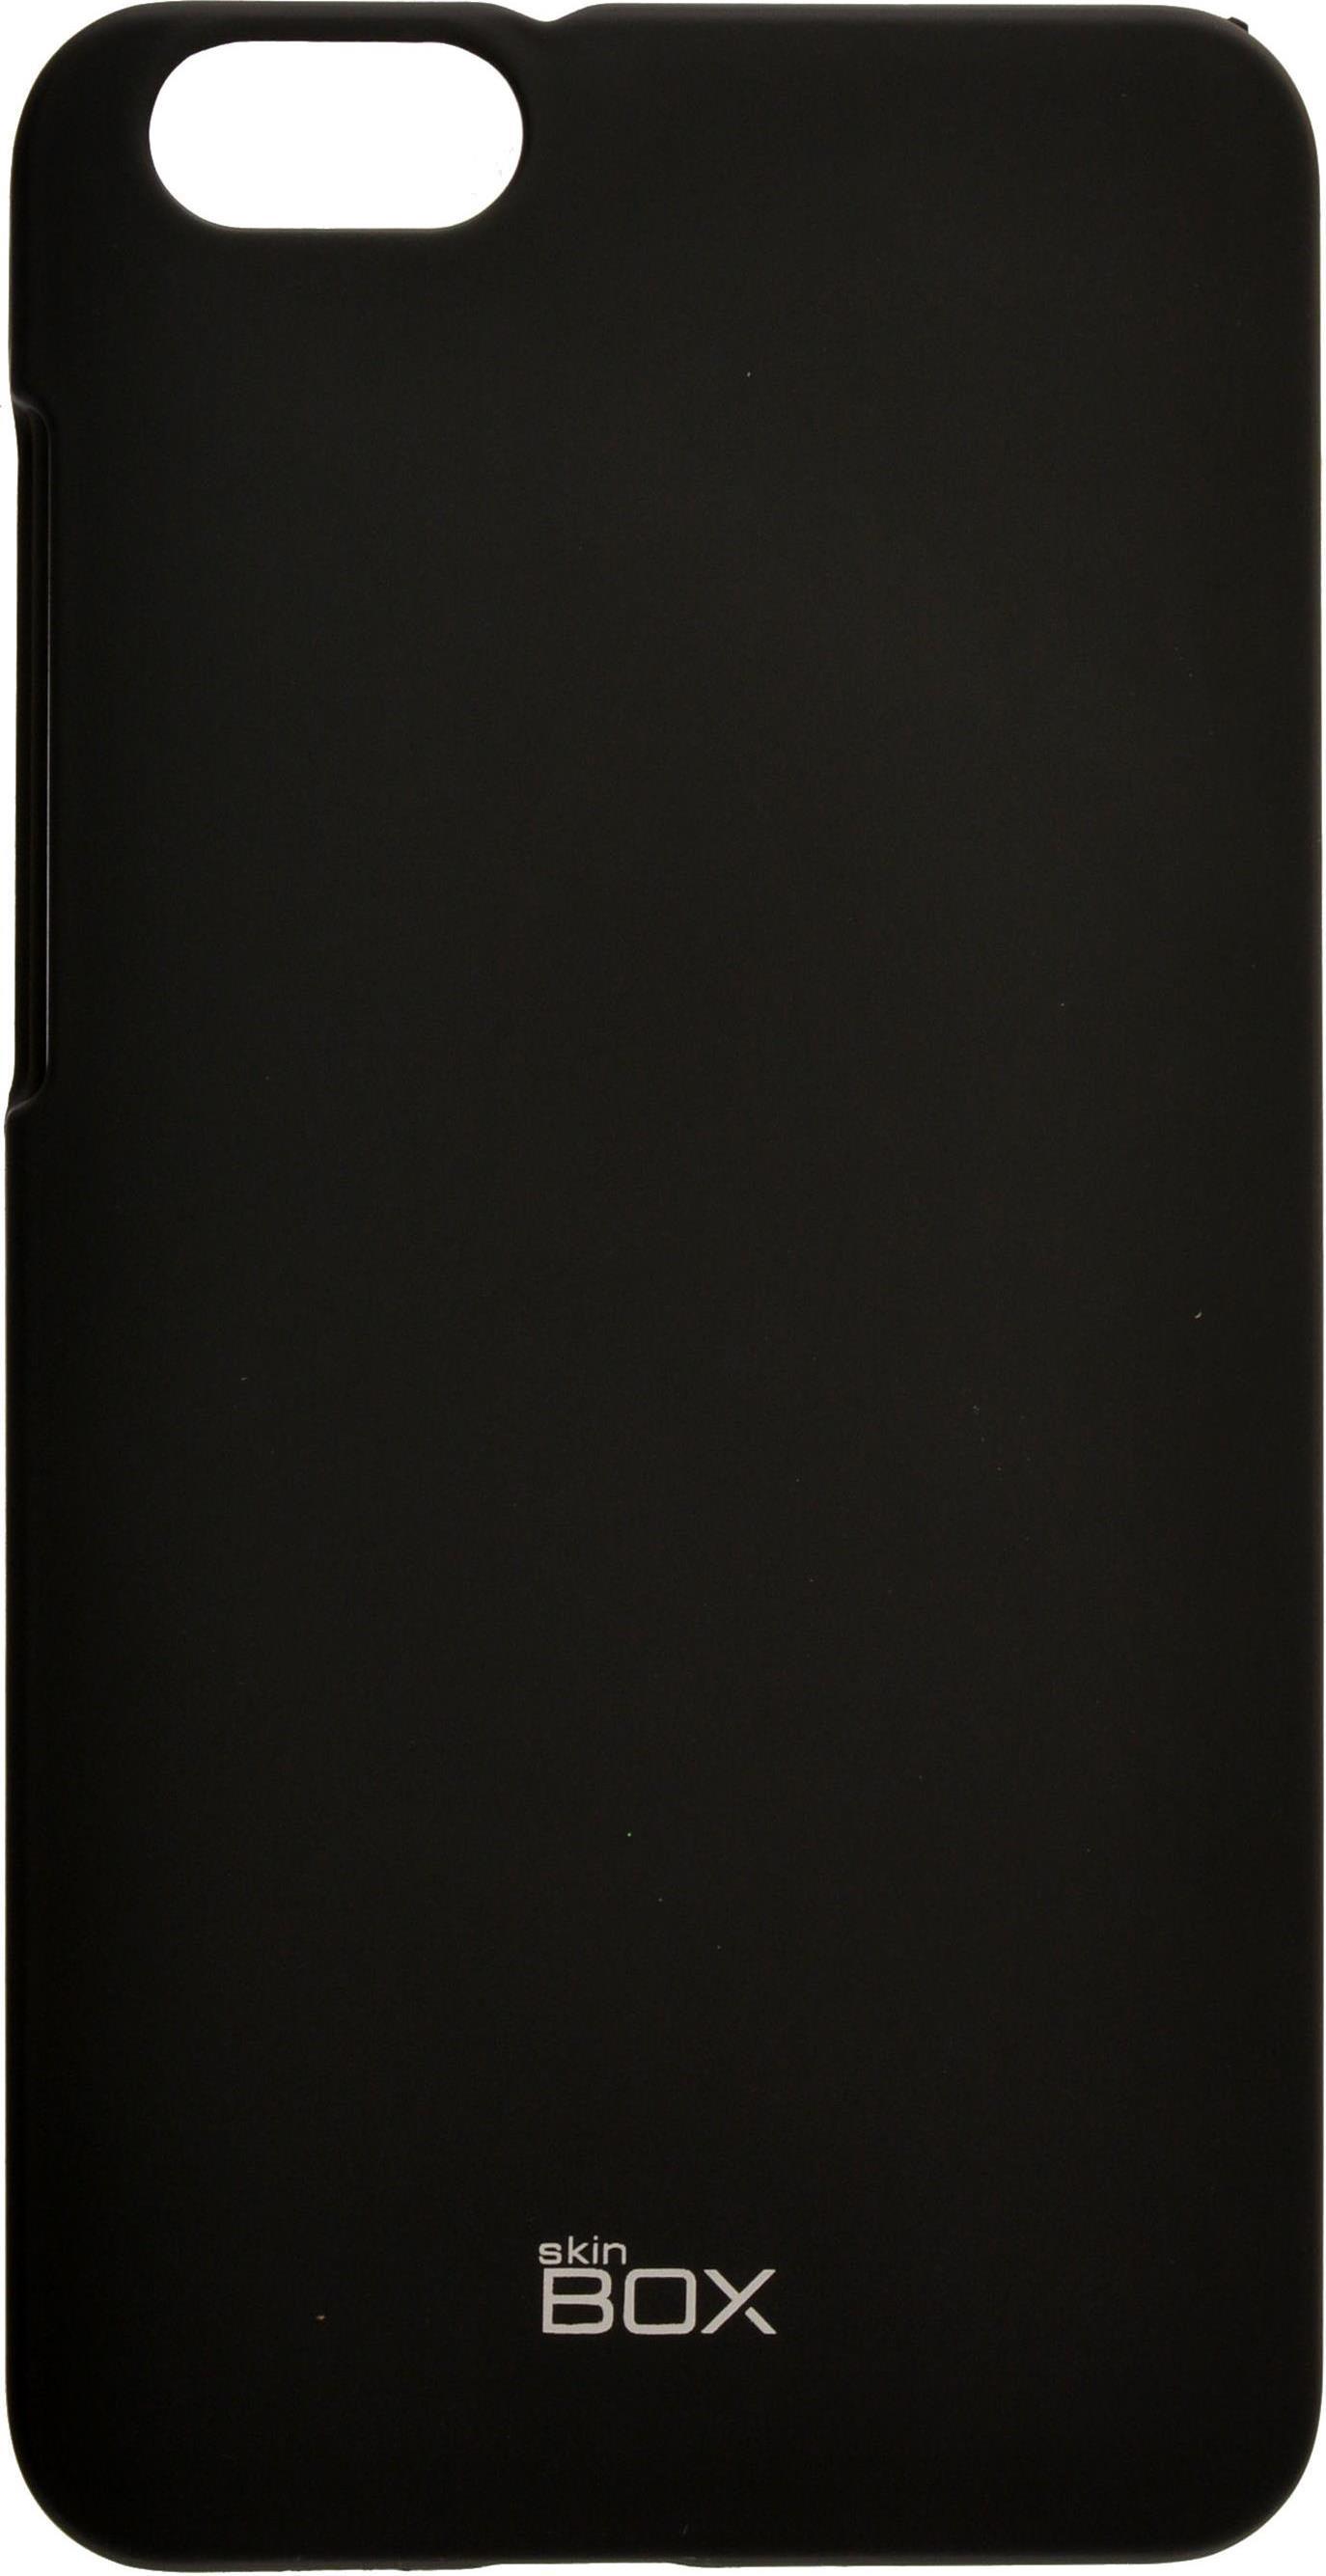 цена на Чехол для сотового телефона skinBOX 4People, 4660041406849, черный